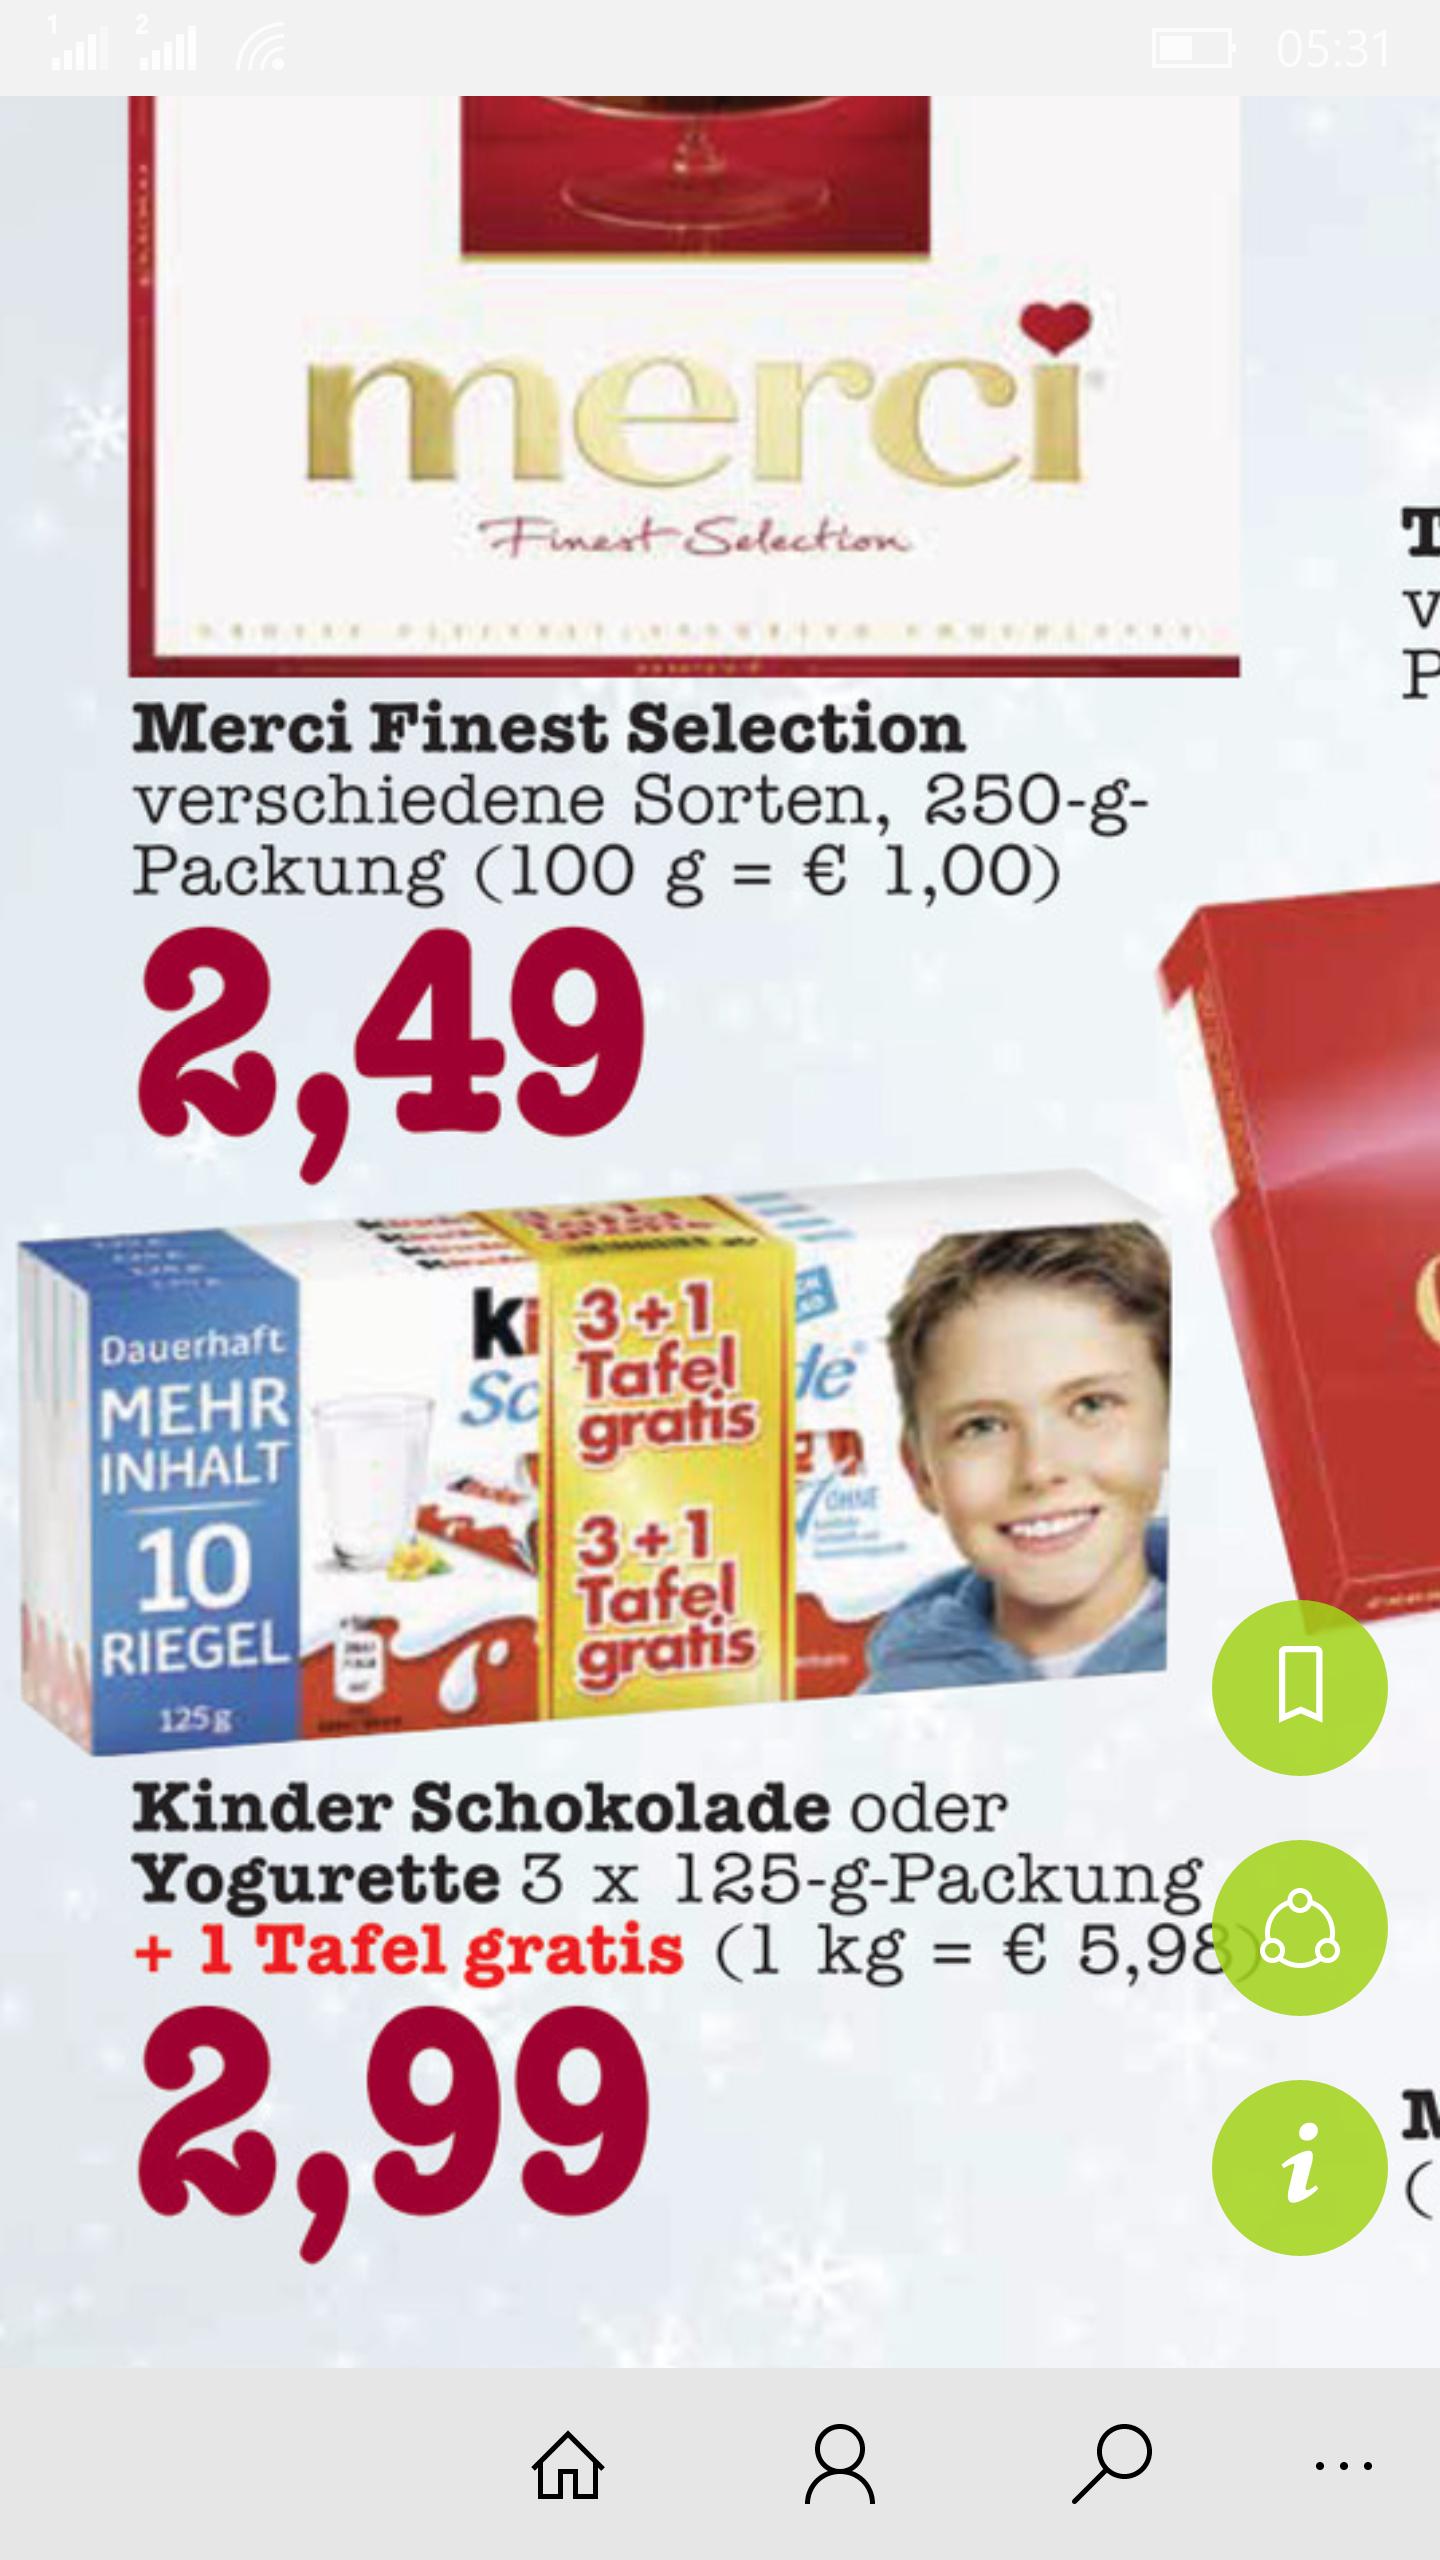 Kinder Schokolade oder Yogurette 3 x 125 g Packung + 1 Tafel gratis für nur 2,99 € im Edeka in Singen (lokal?)